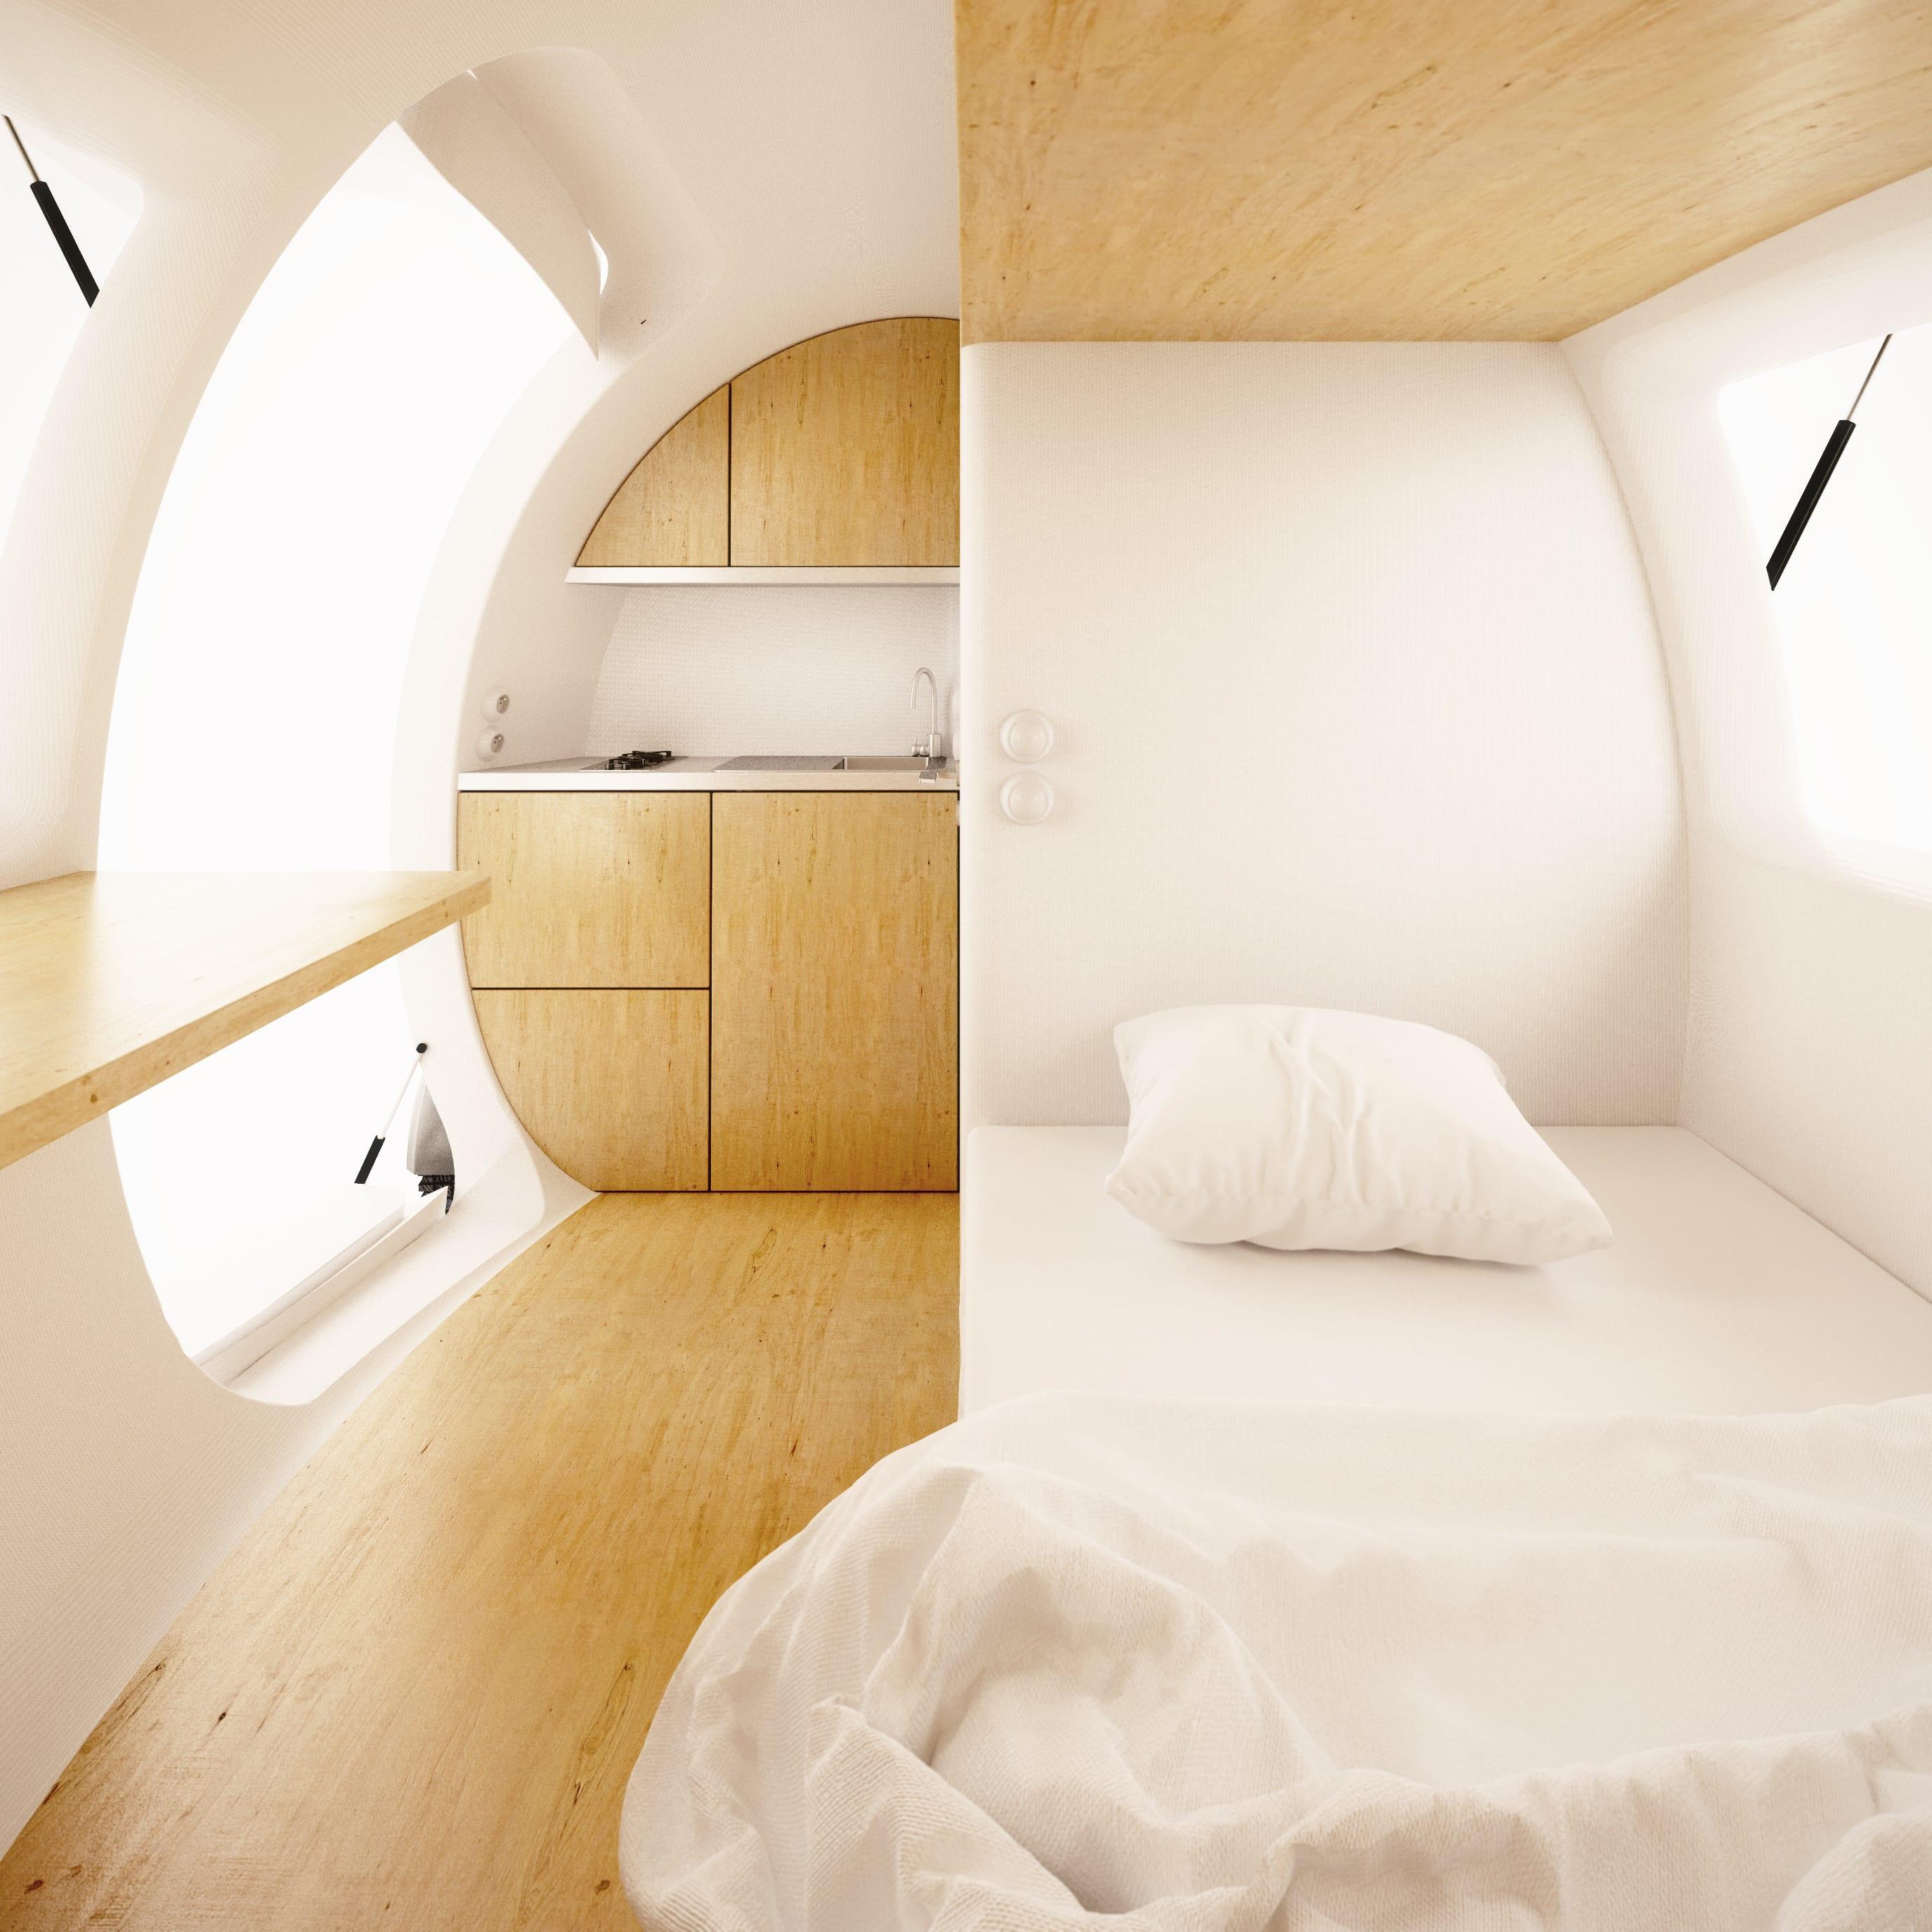 kleines Zimmer mit holzboden und Küche holz einrichten